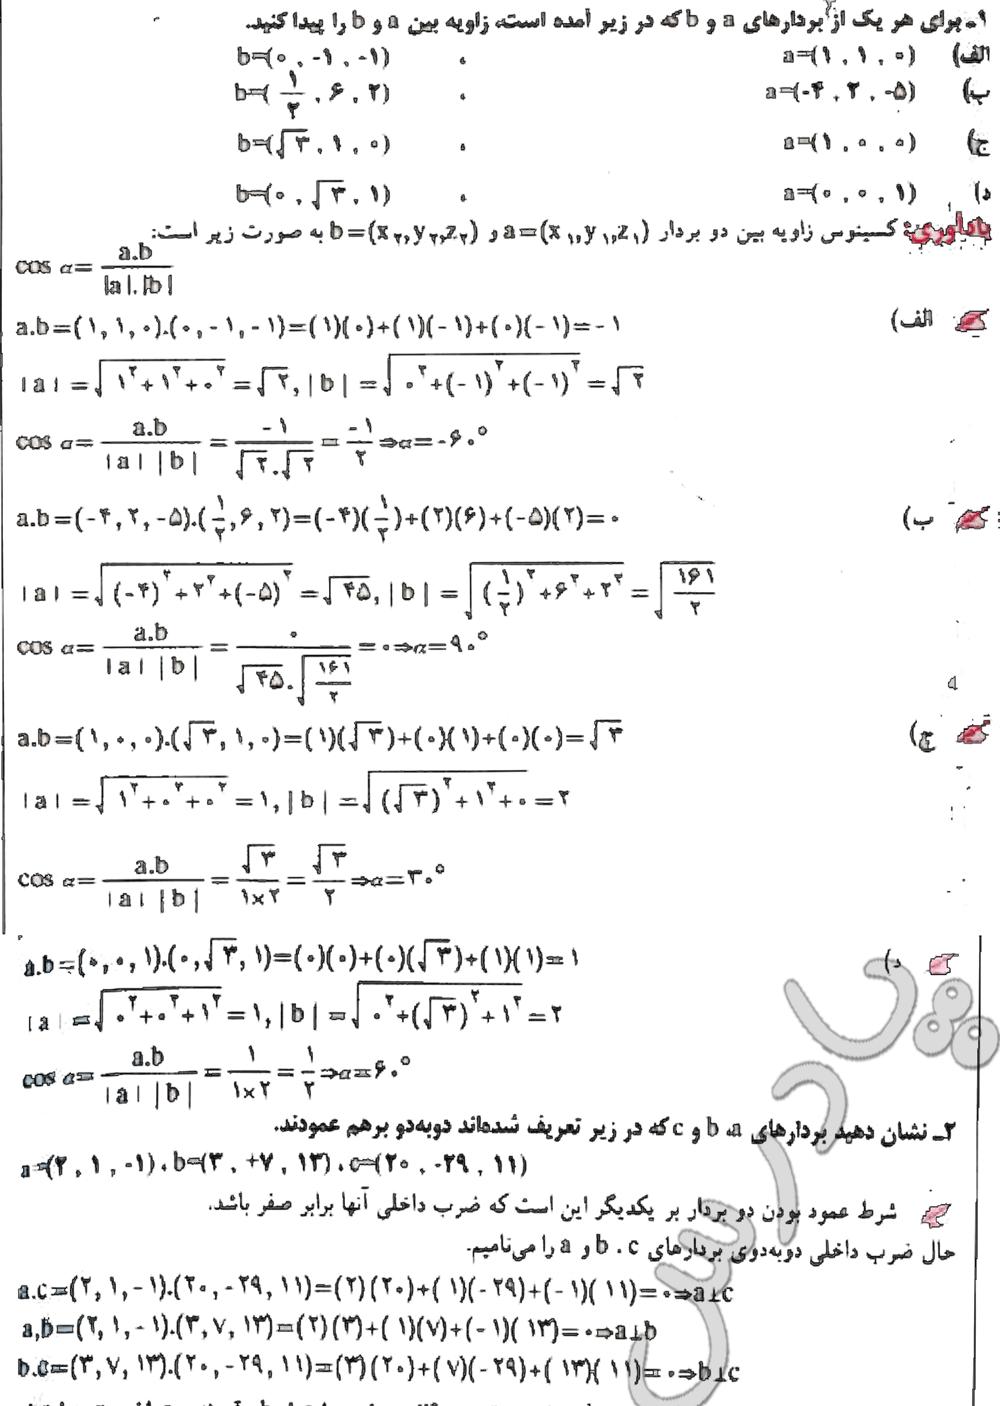 حل تمرین 1و2 صفحه  23  فصل اول هندسه تحلیلی پیش دانشگاهی